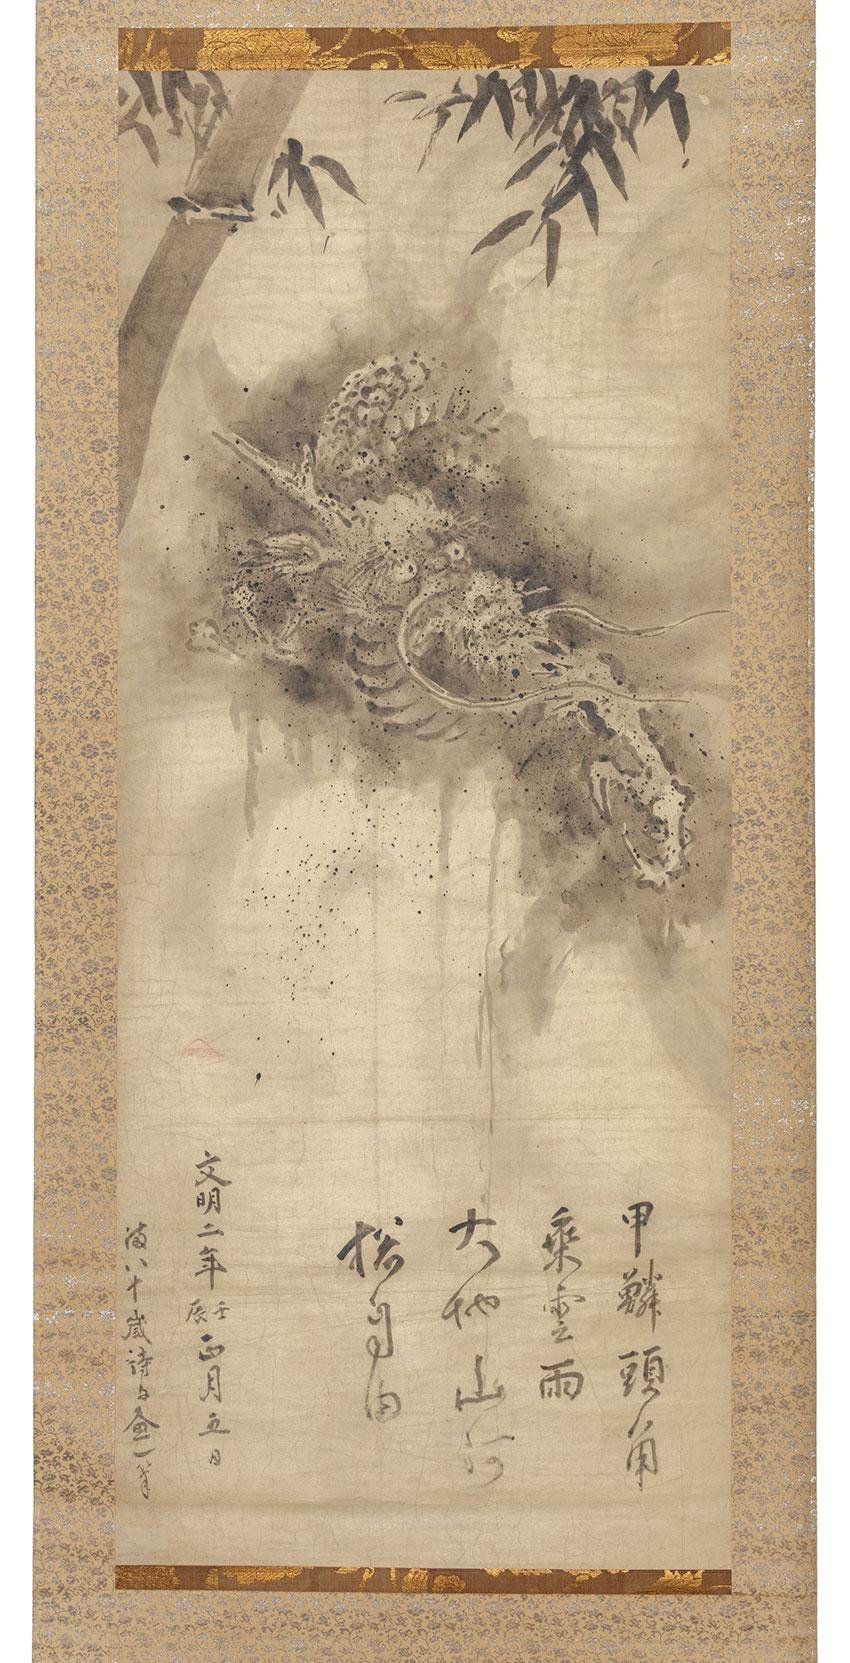 Kanō Tan'yu, Japan 1602 – 1674, Dragon and bamboo after Sesshū Tōyō (1420-1506)c.1625, Edo (Tokyo), hanging scroll, ink on paper